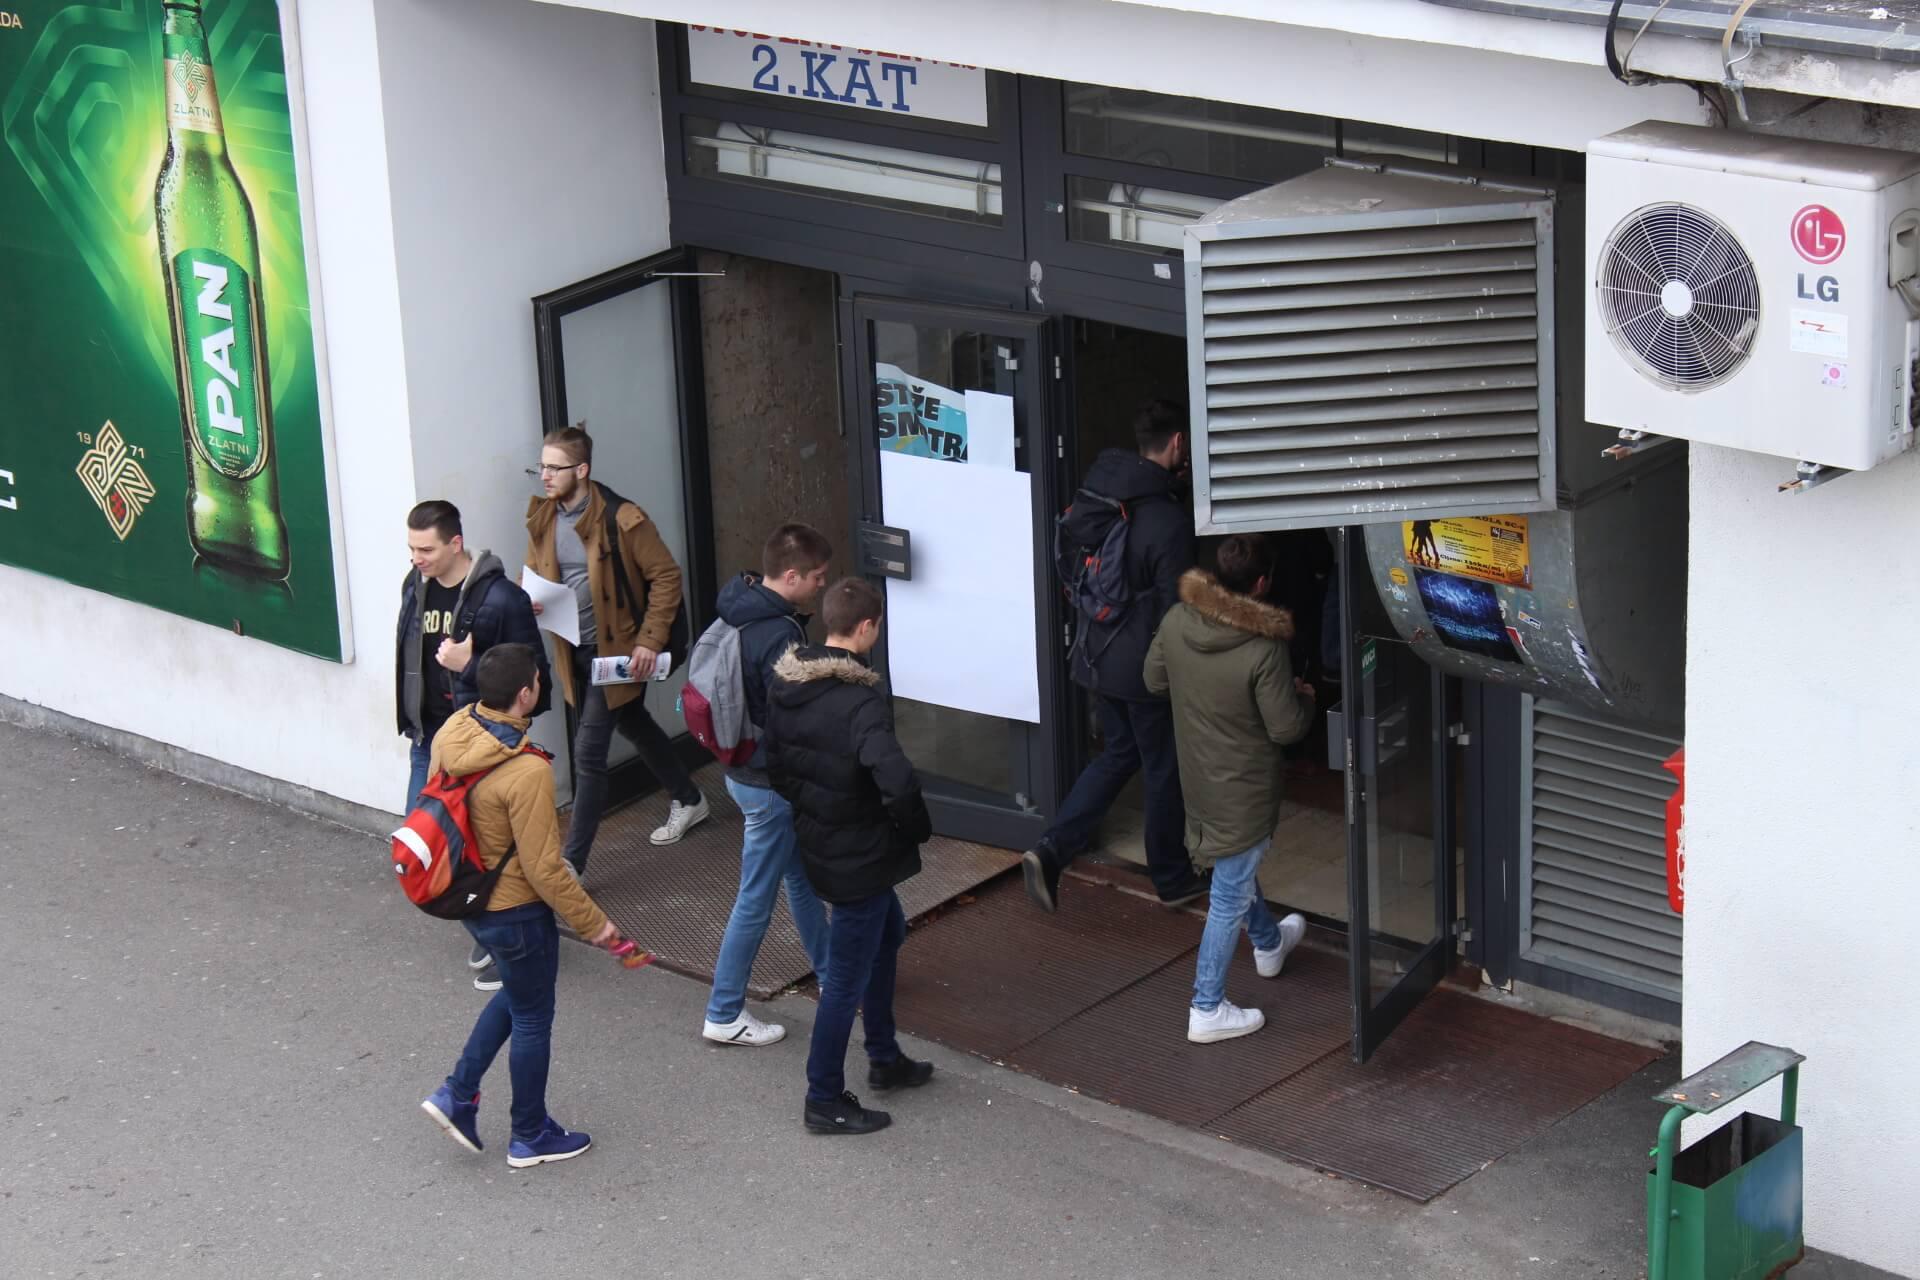 Studenti mogu zaraditi i do 100 kuna po satu: Ovo su najplaćeniji poslovi koji se nude u četiri grada